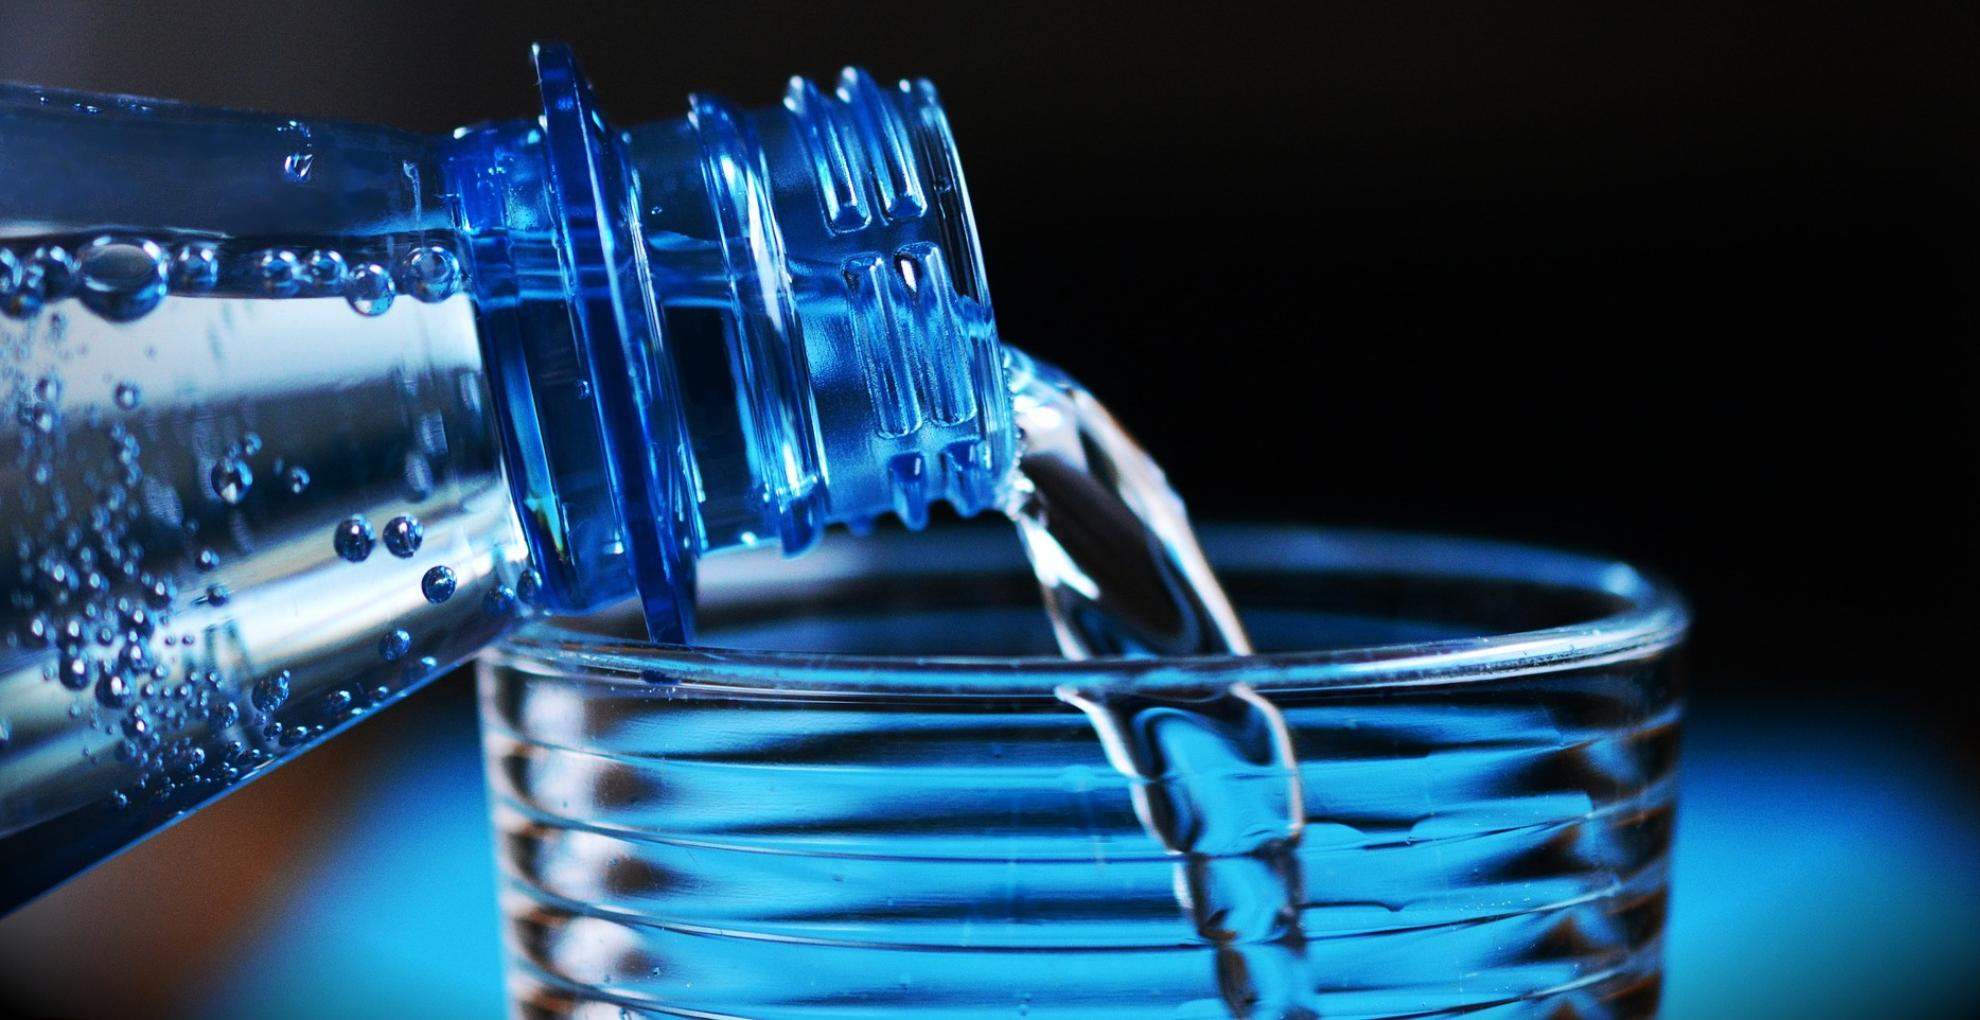 Health Tips: बारिश के मौसम में पानी की वजह से आप हो सकते हैं इन 5 बीमारियों के शिकार, जानिए बचने के उपाय